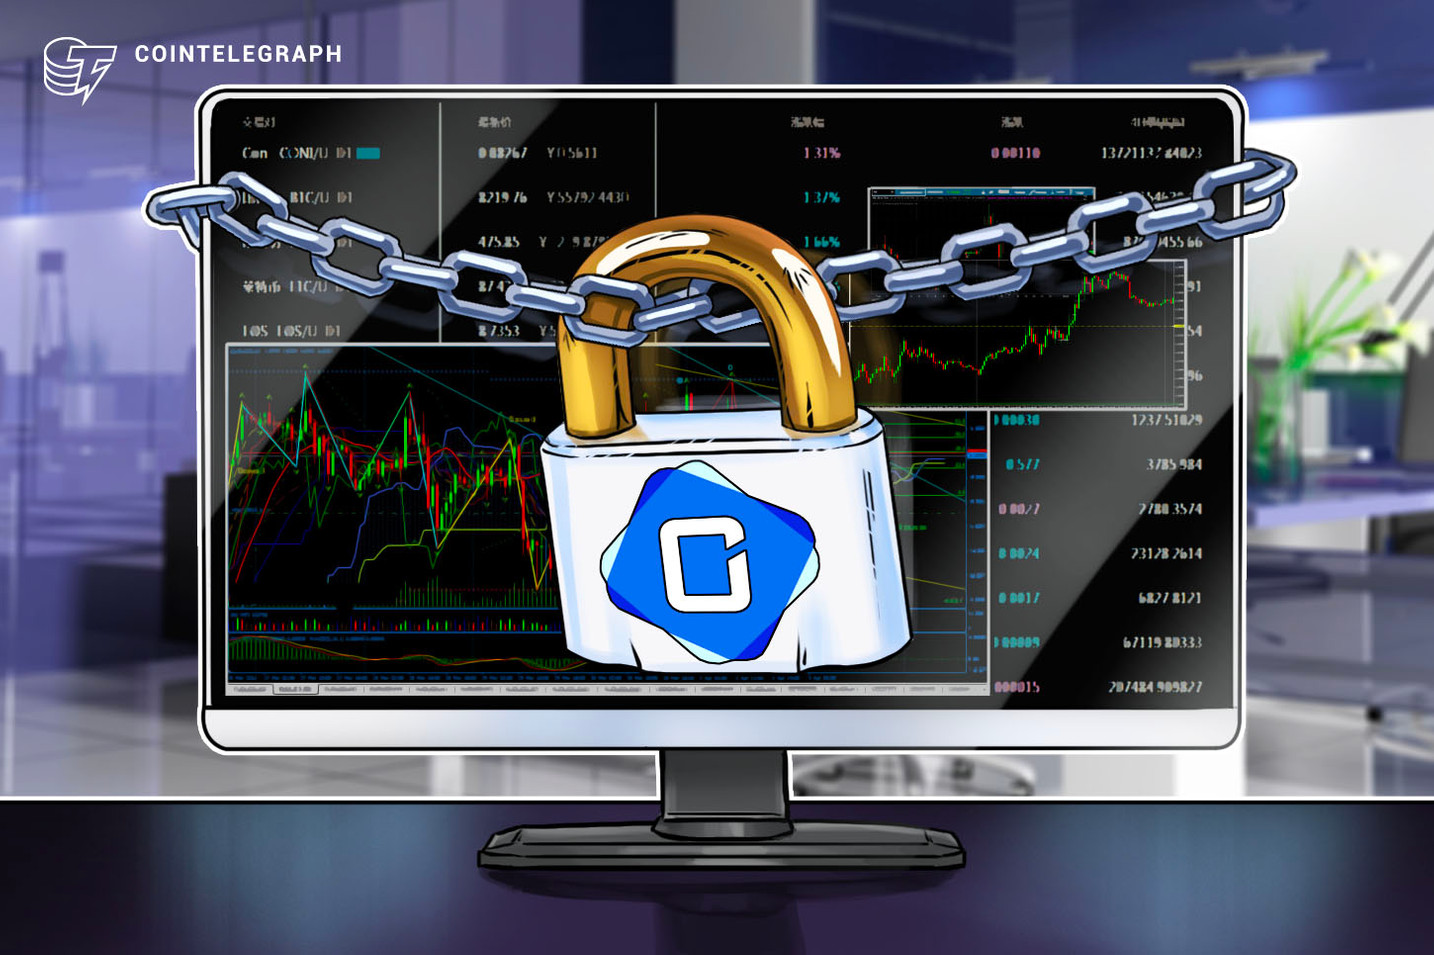 新プロトコルやDAppsプラットフォームで個人データの侵害を防止するP2Pネットワーク